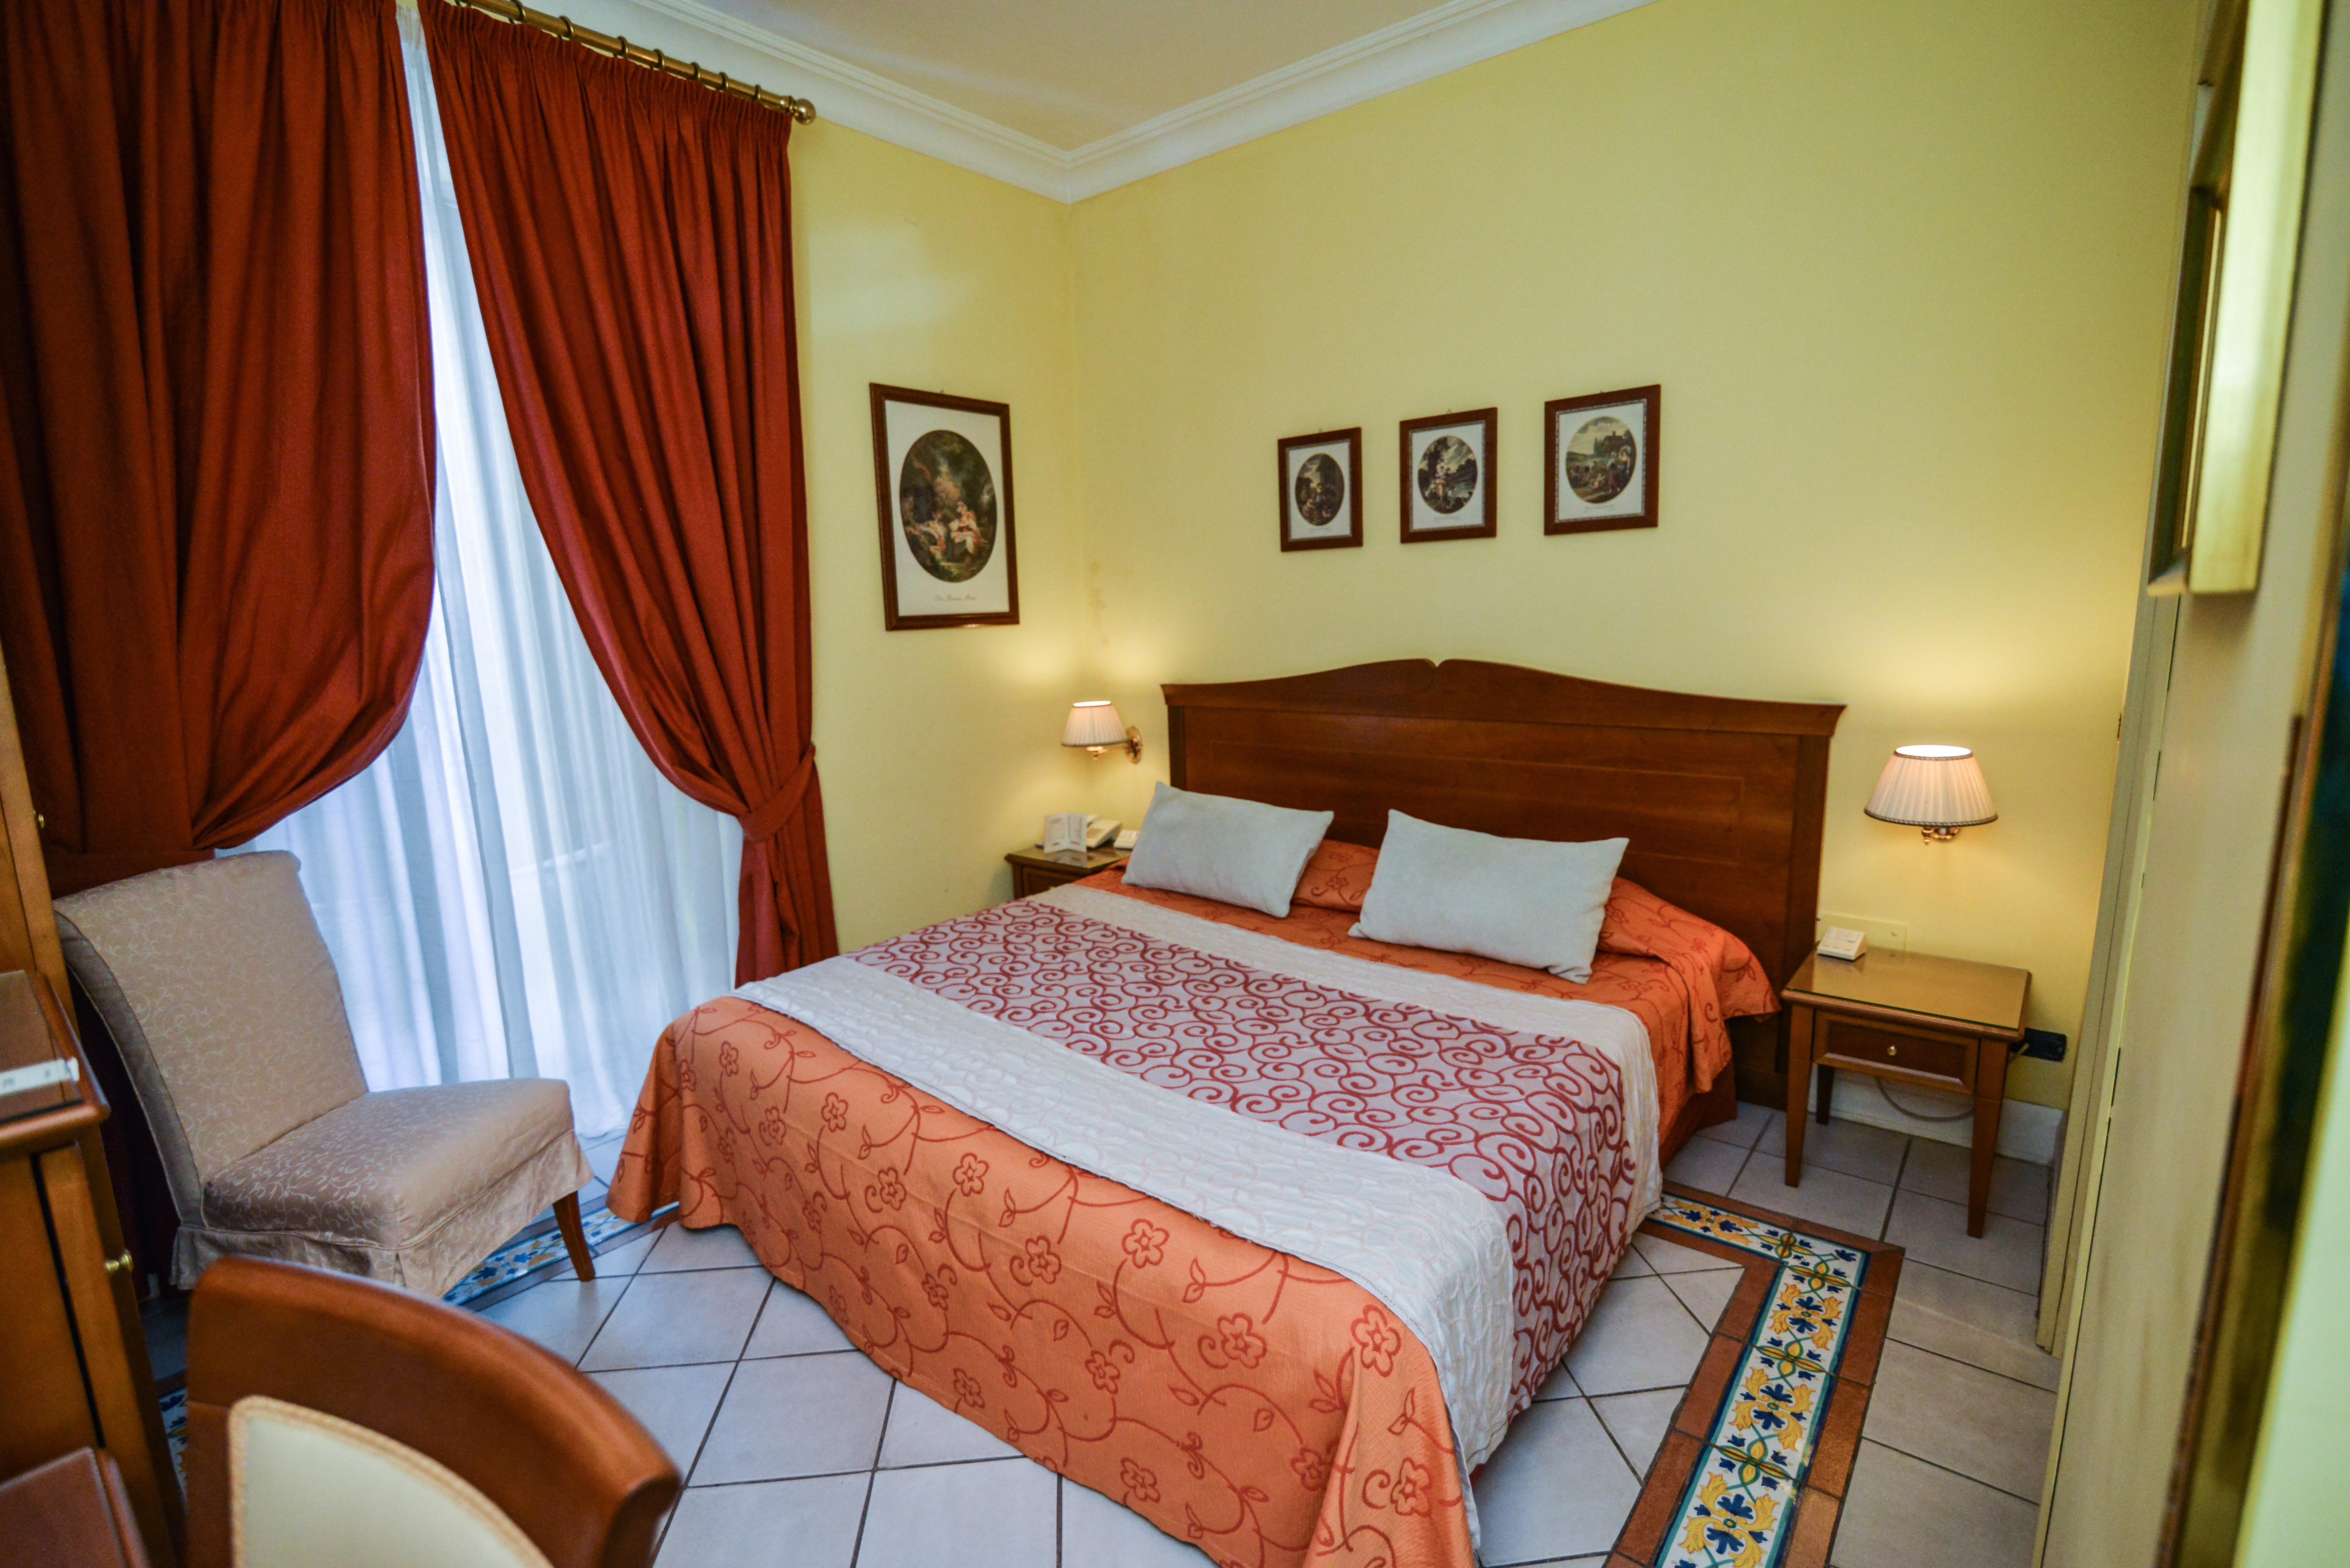 206 - Hotel Akropolis